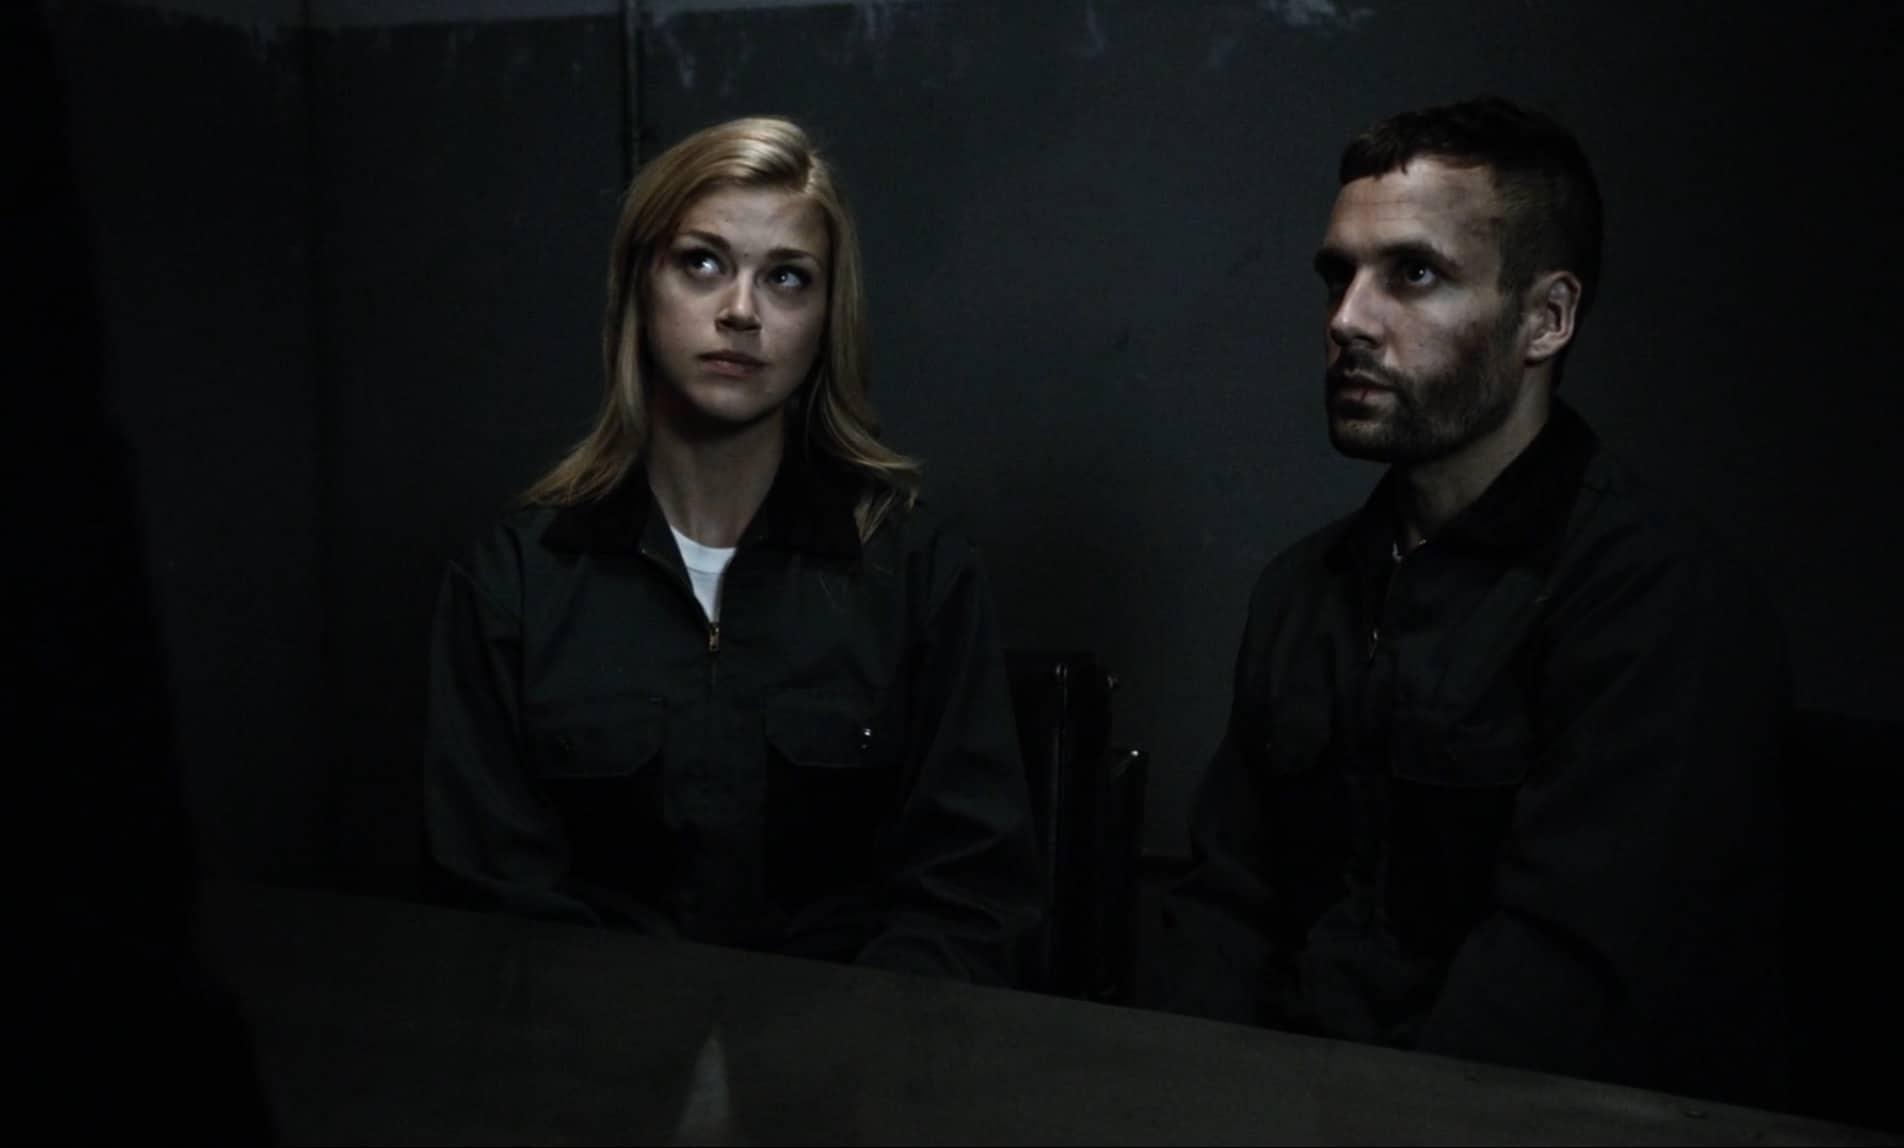 Agents of S.H.I.E.L.D. – Parting Shot